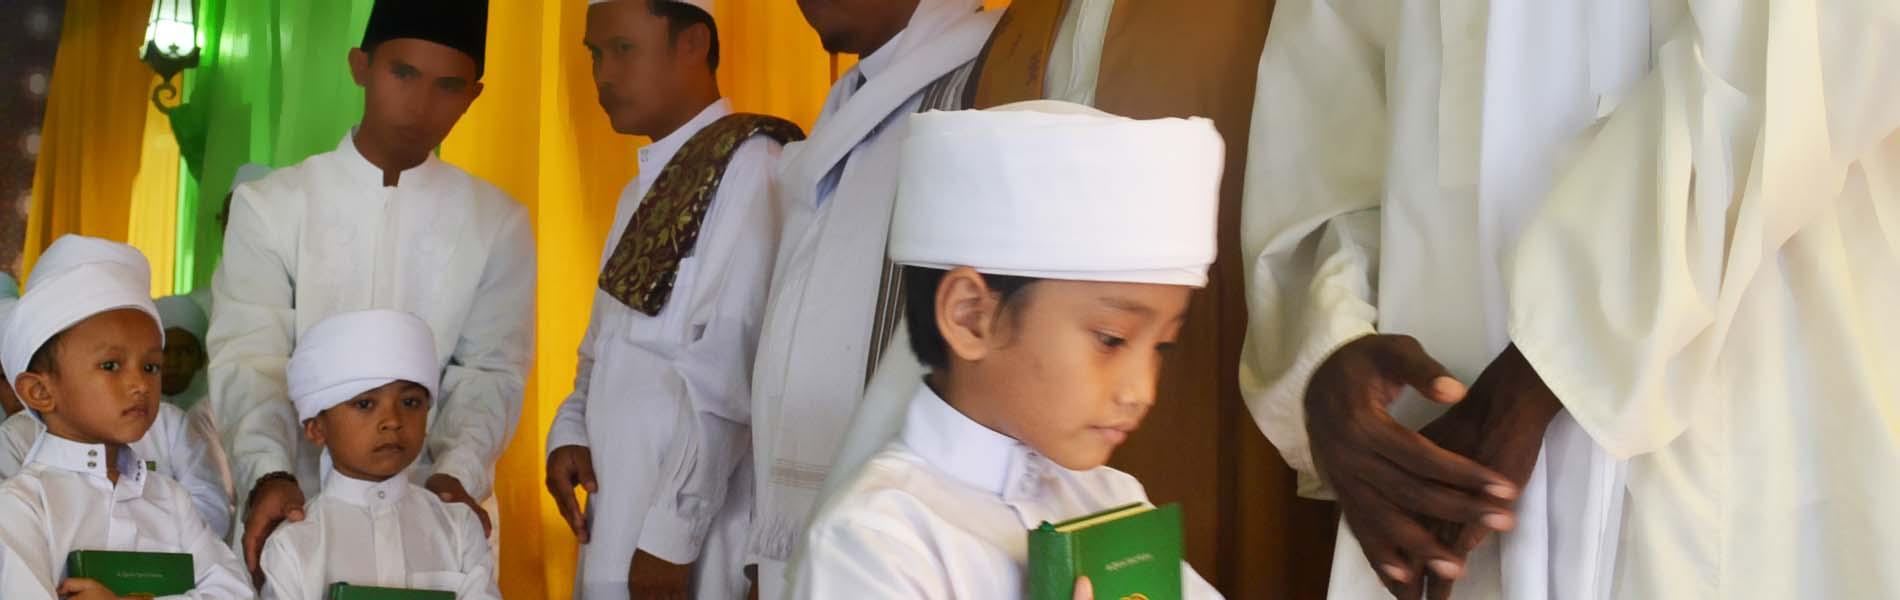 اقرأوا القرآن فإنه يأتي يوم القيامة شفيعا لأصحابه